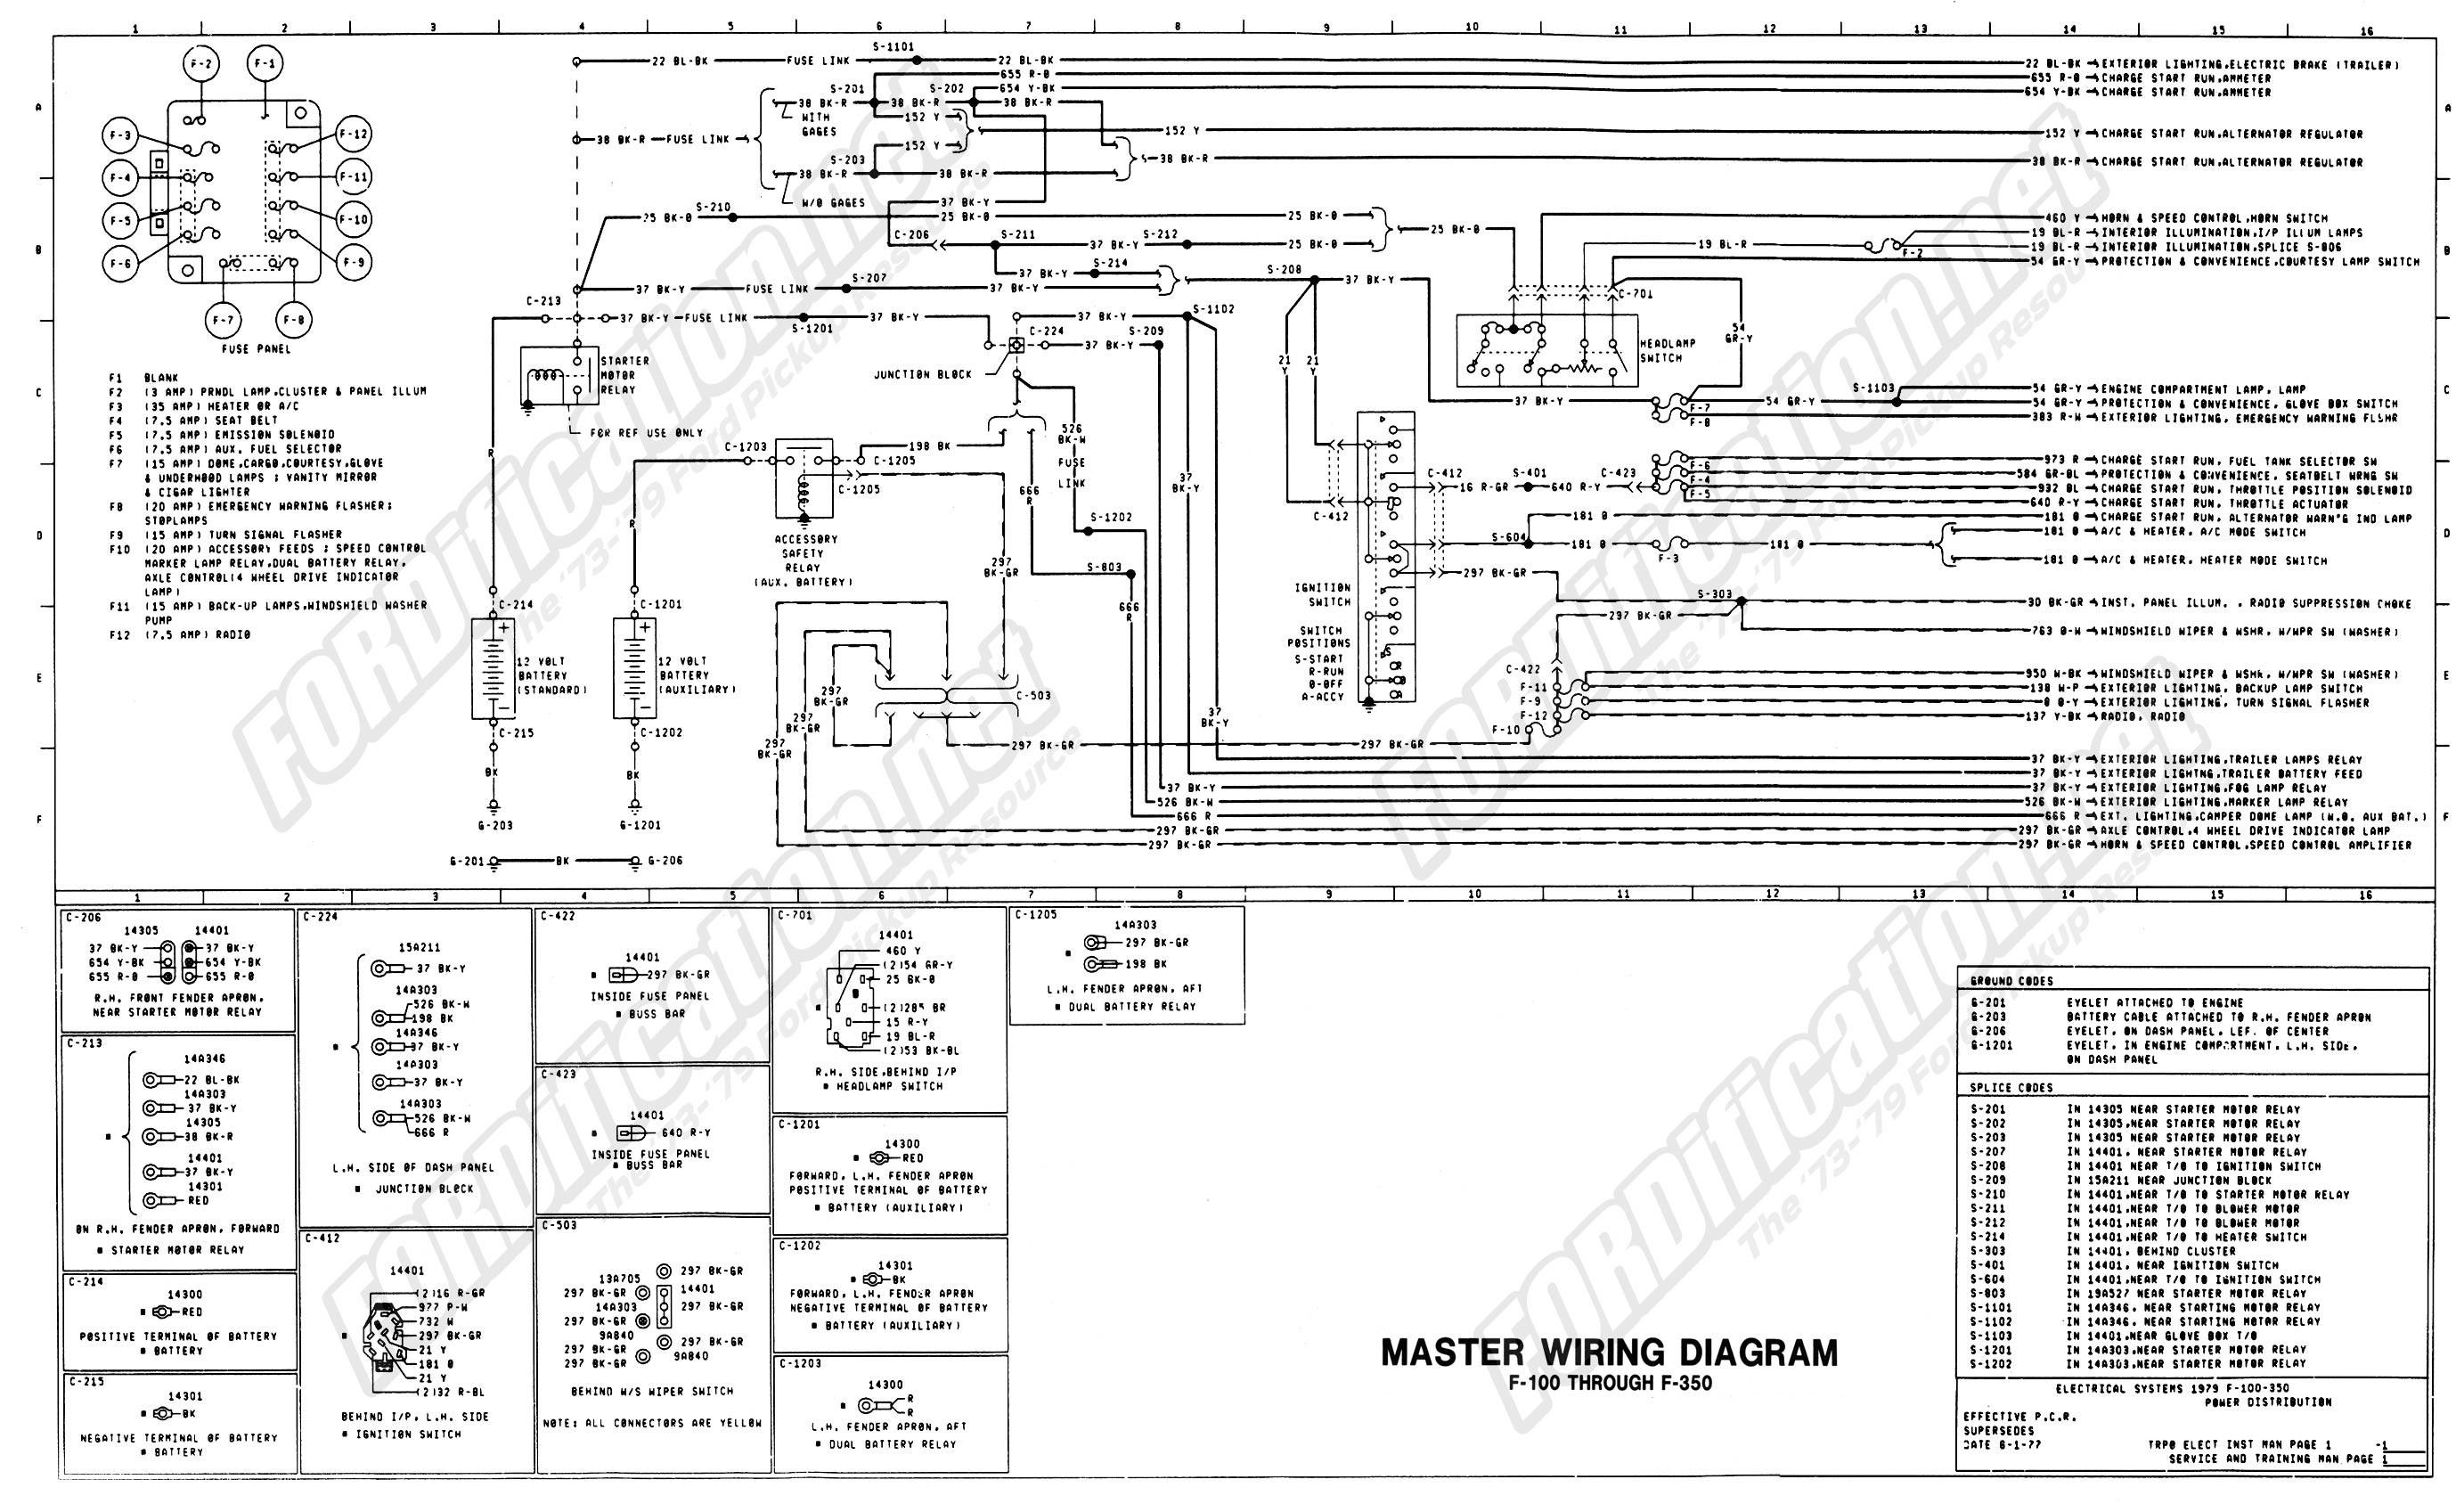 2008 gmc sierra wiring diagram 2014 chevy silverado stereo